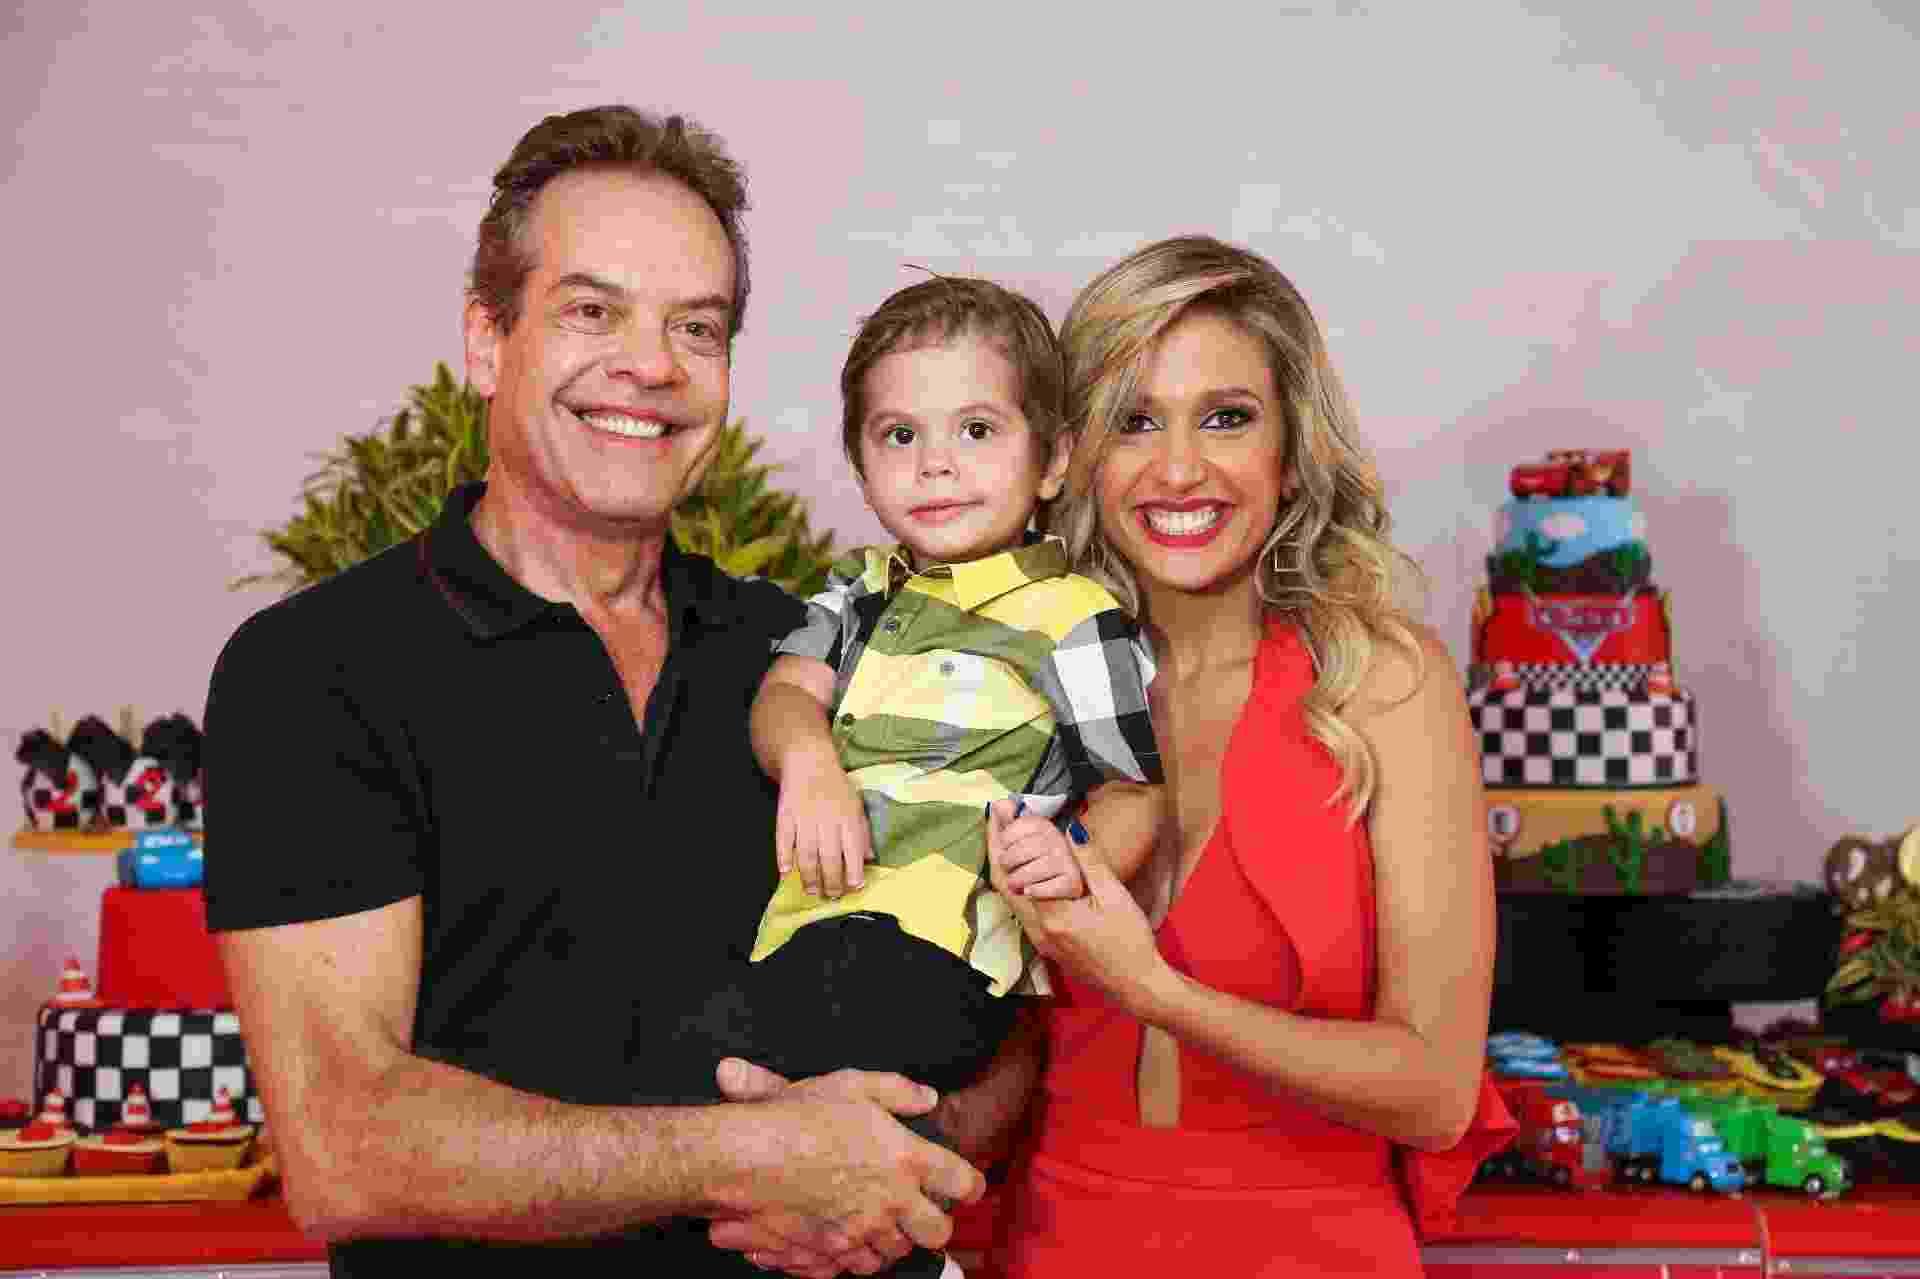 Festa com tema Carros de Enzo, filho de Luisa Mell - Pais e filho - Emerson Ruiz/WE Produções